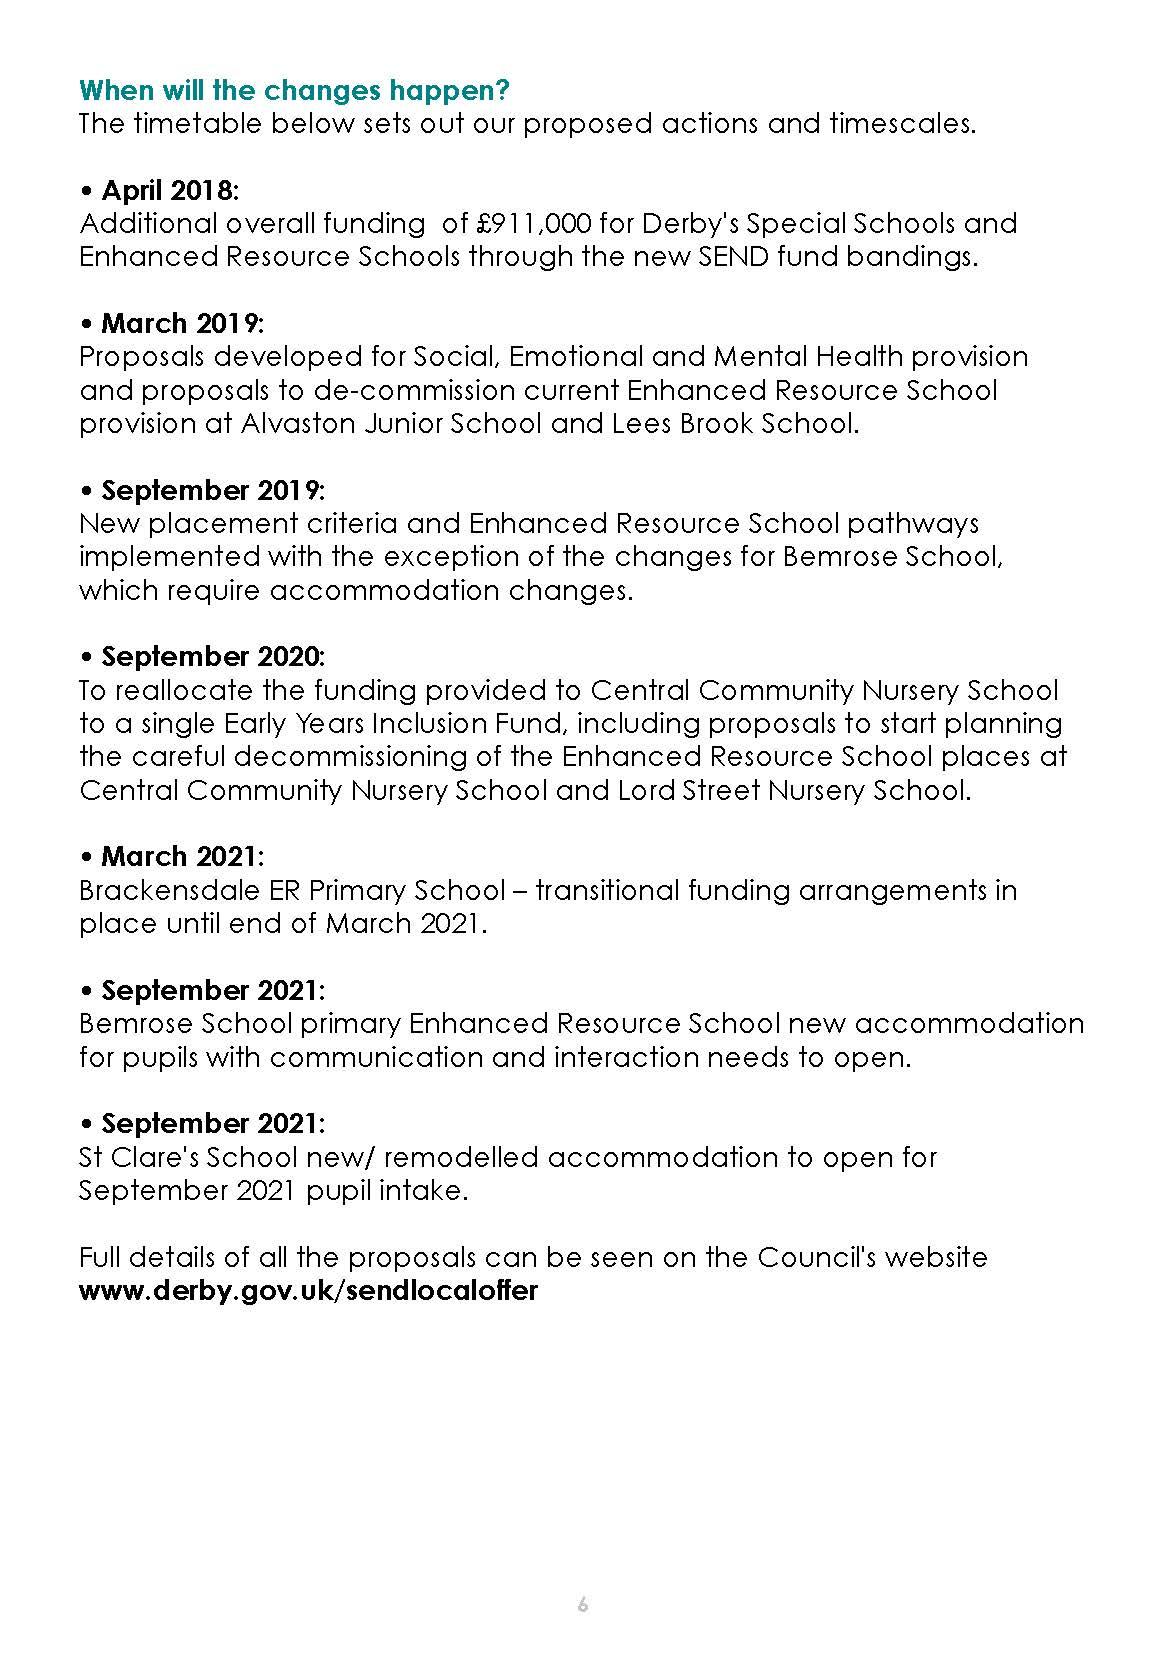 SEND Proposals leaflet_2018-19_Page_6.jpg